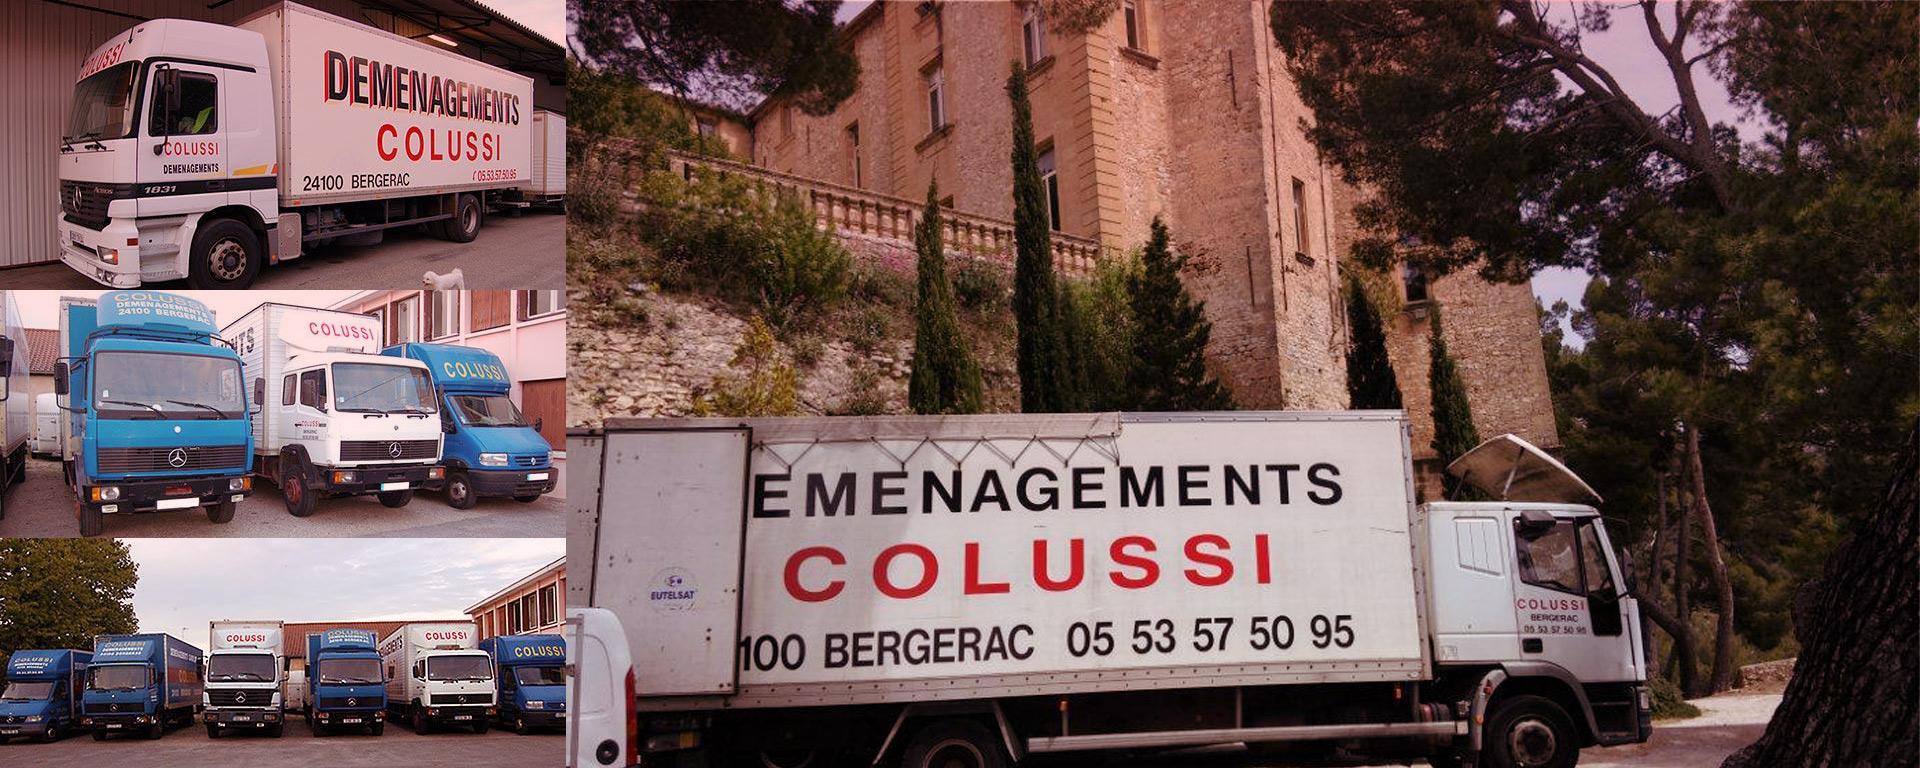 COLUSSI DEMENAGEMENTS - Déménageur depuis 50 ans